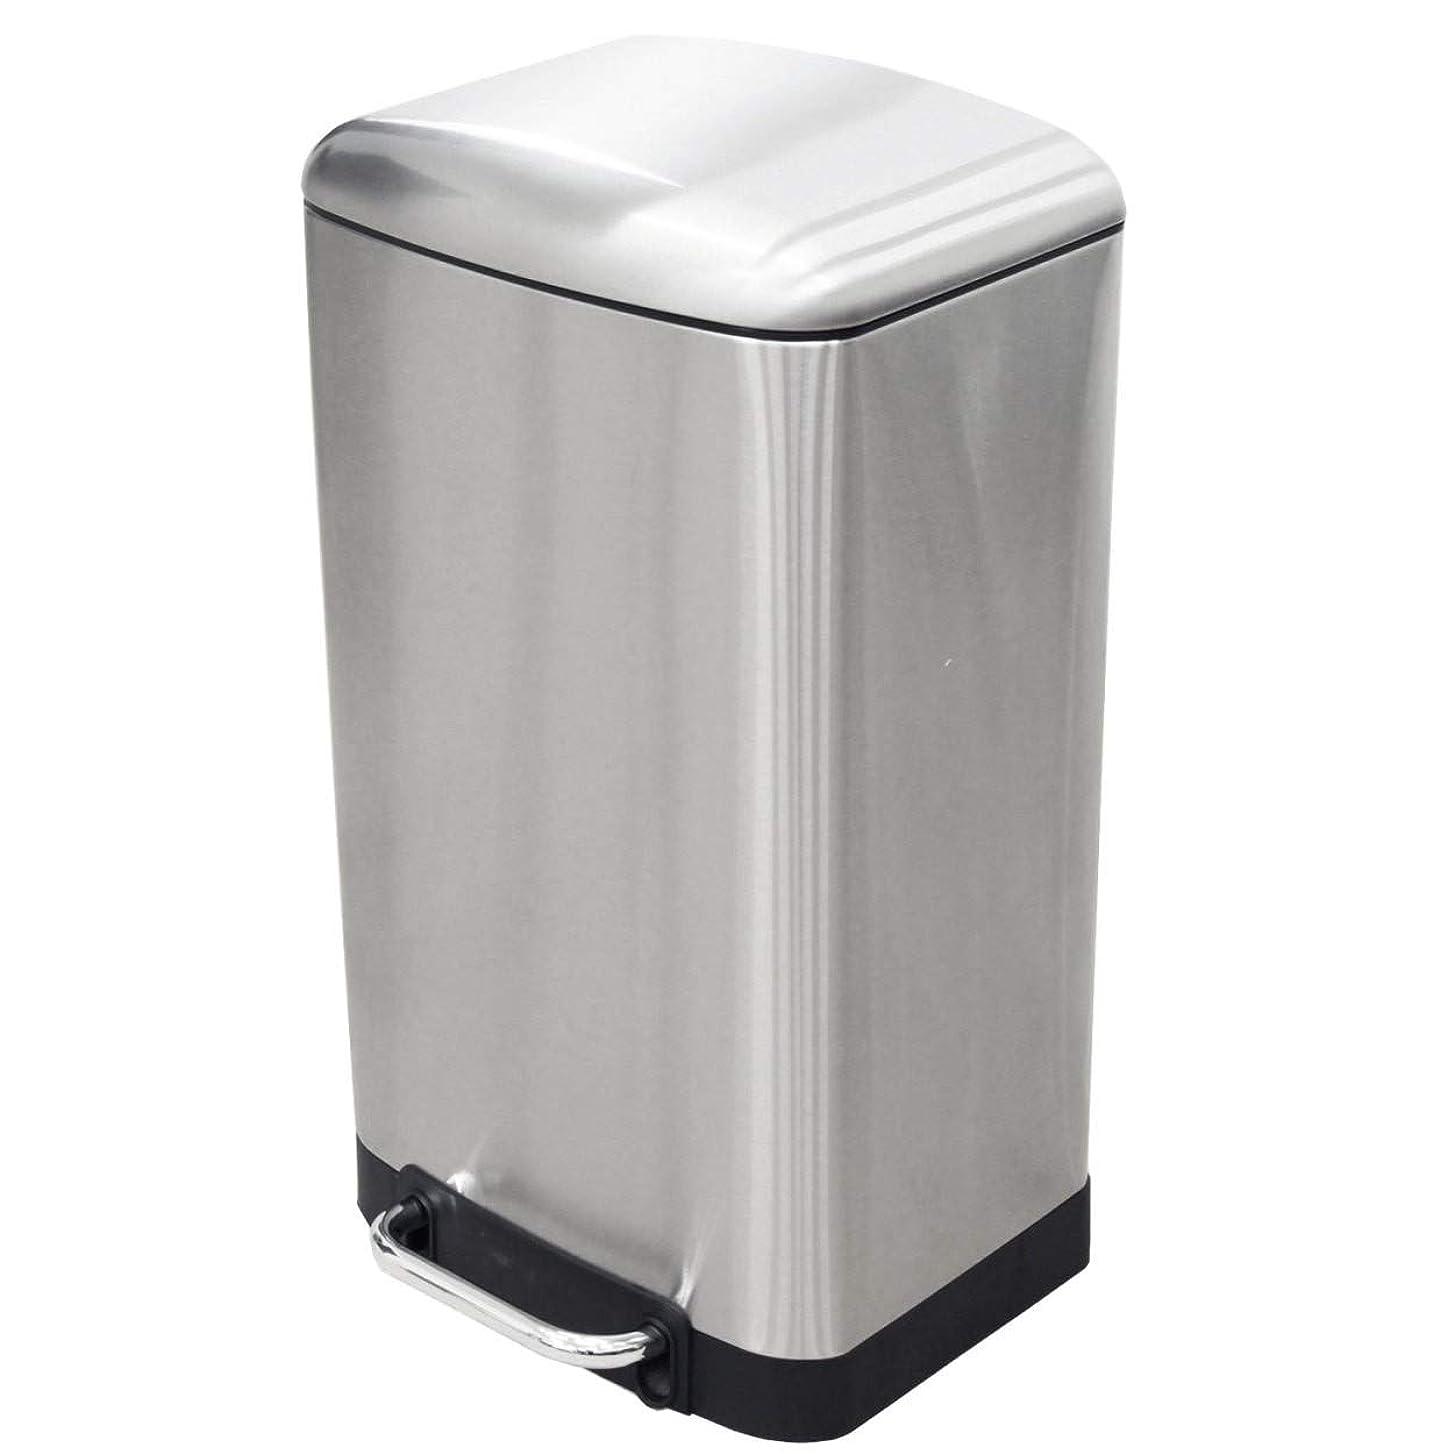 コーヒー変わる宝30L ステンレス ダストボックス トップアウト ダストボックス ゴミ箱 ごみ箱 ふた付 ペダル ペール